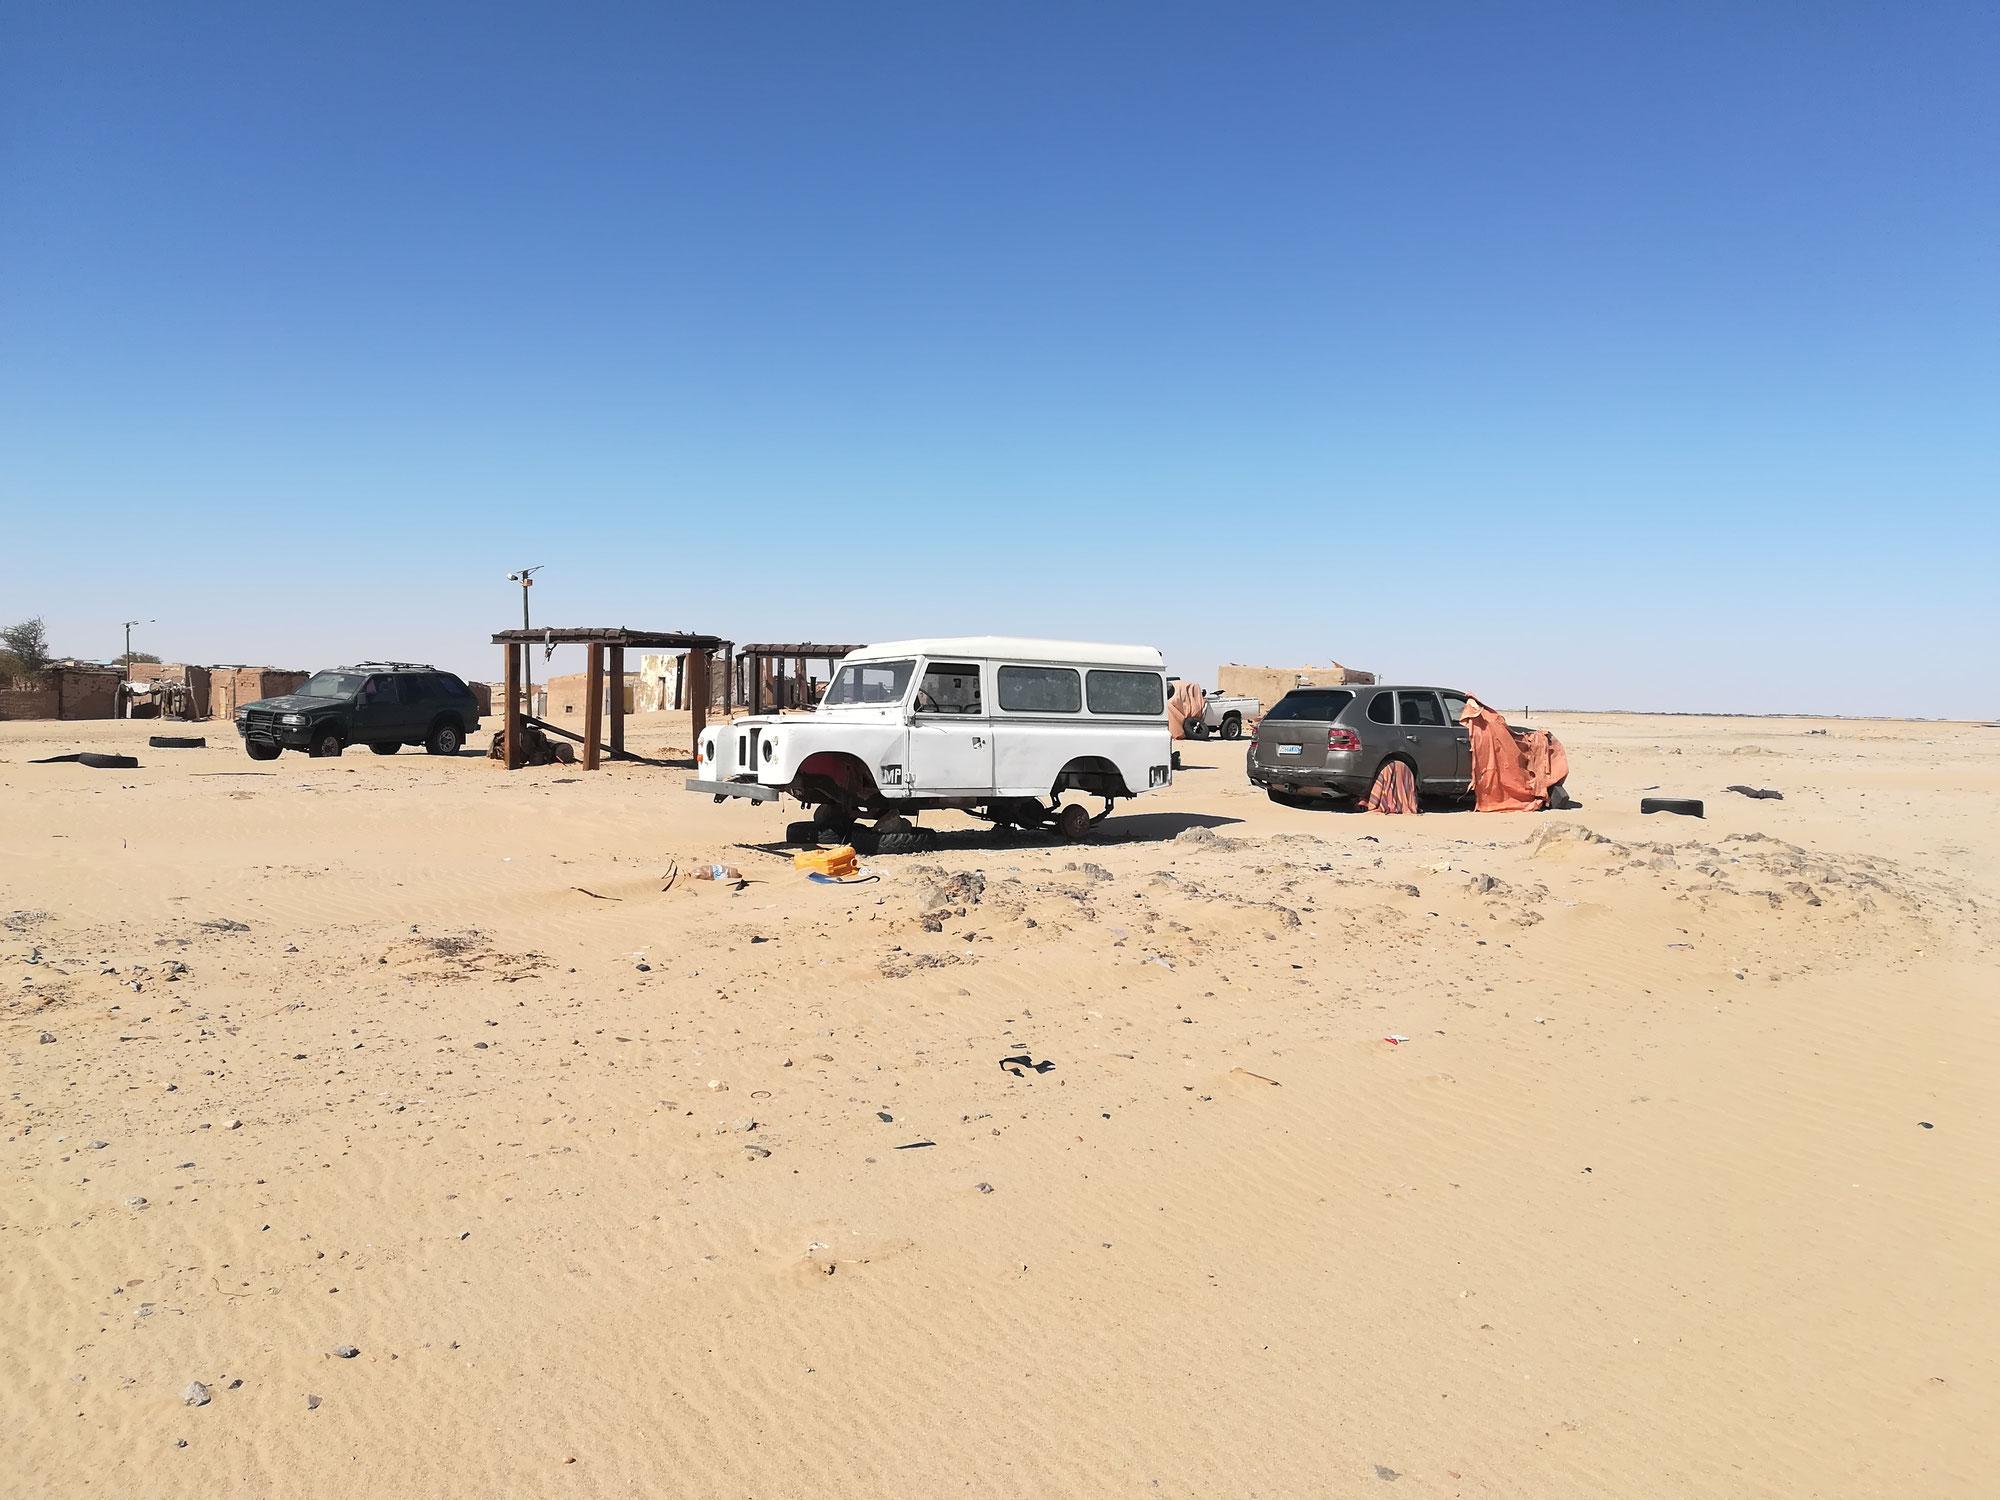 Welcome to Mauritania